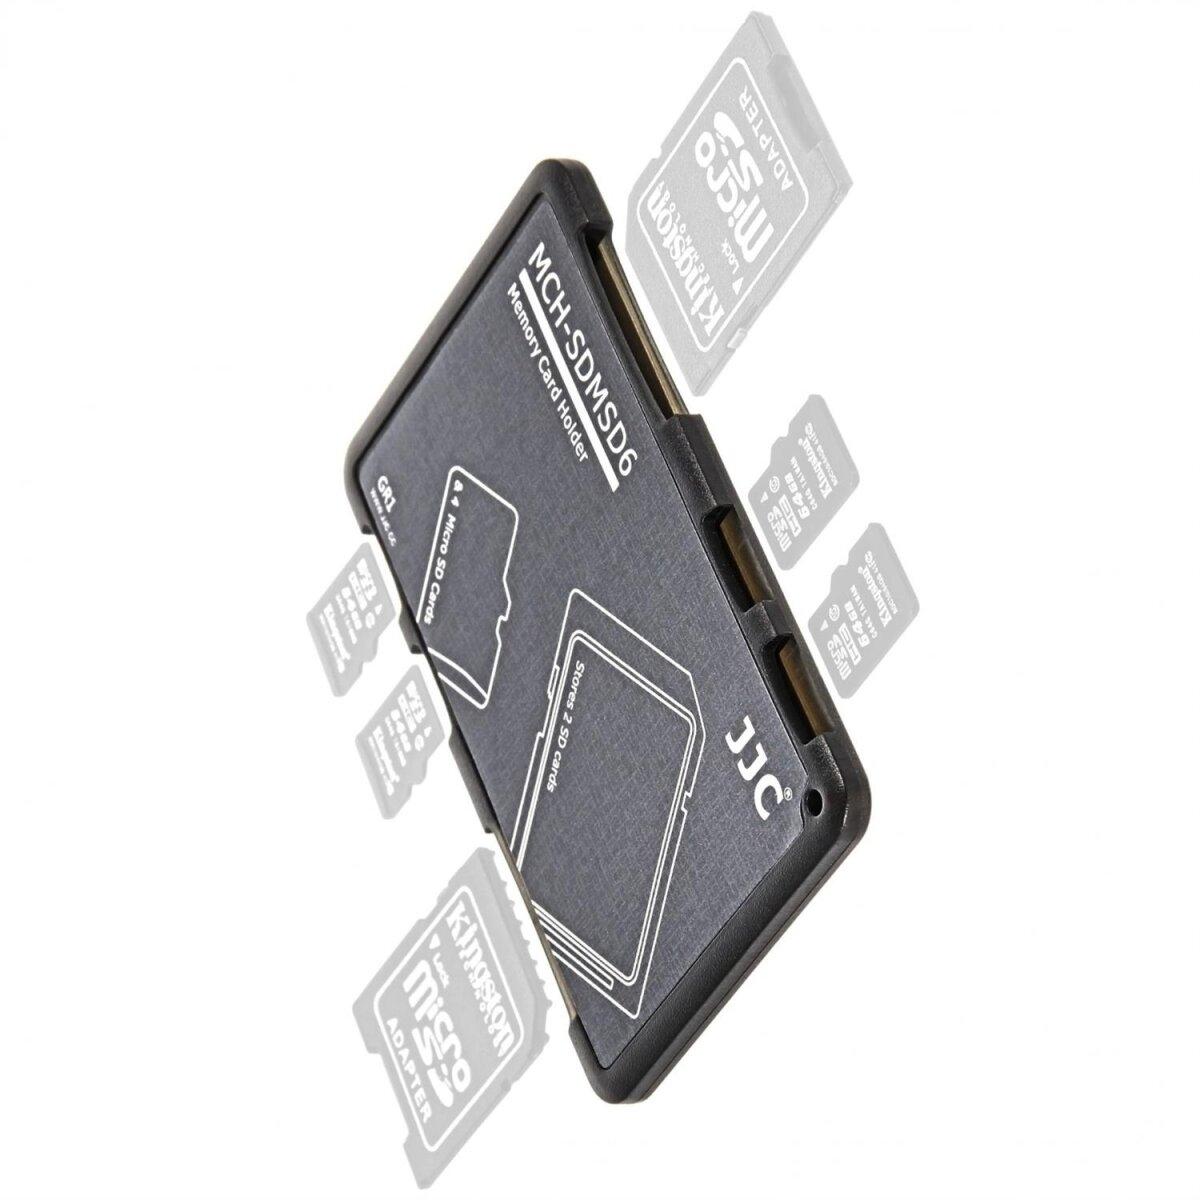 Extrem kompaktes Speicherkartenetui Aufbewahrungsbox im Kreditkarten-Format fuer 2 x SD SDHC SDXC und 4 x MicroSD - grau